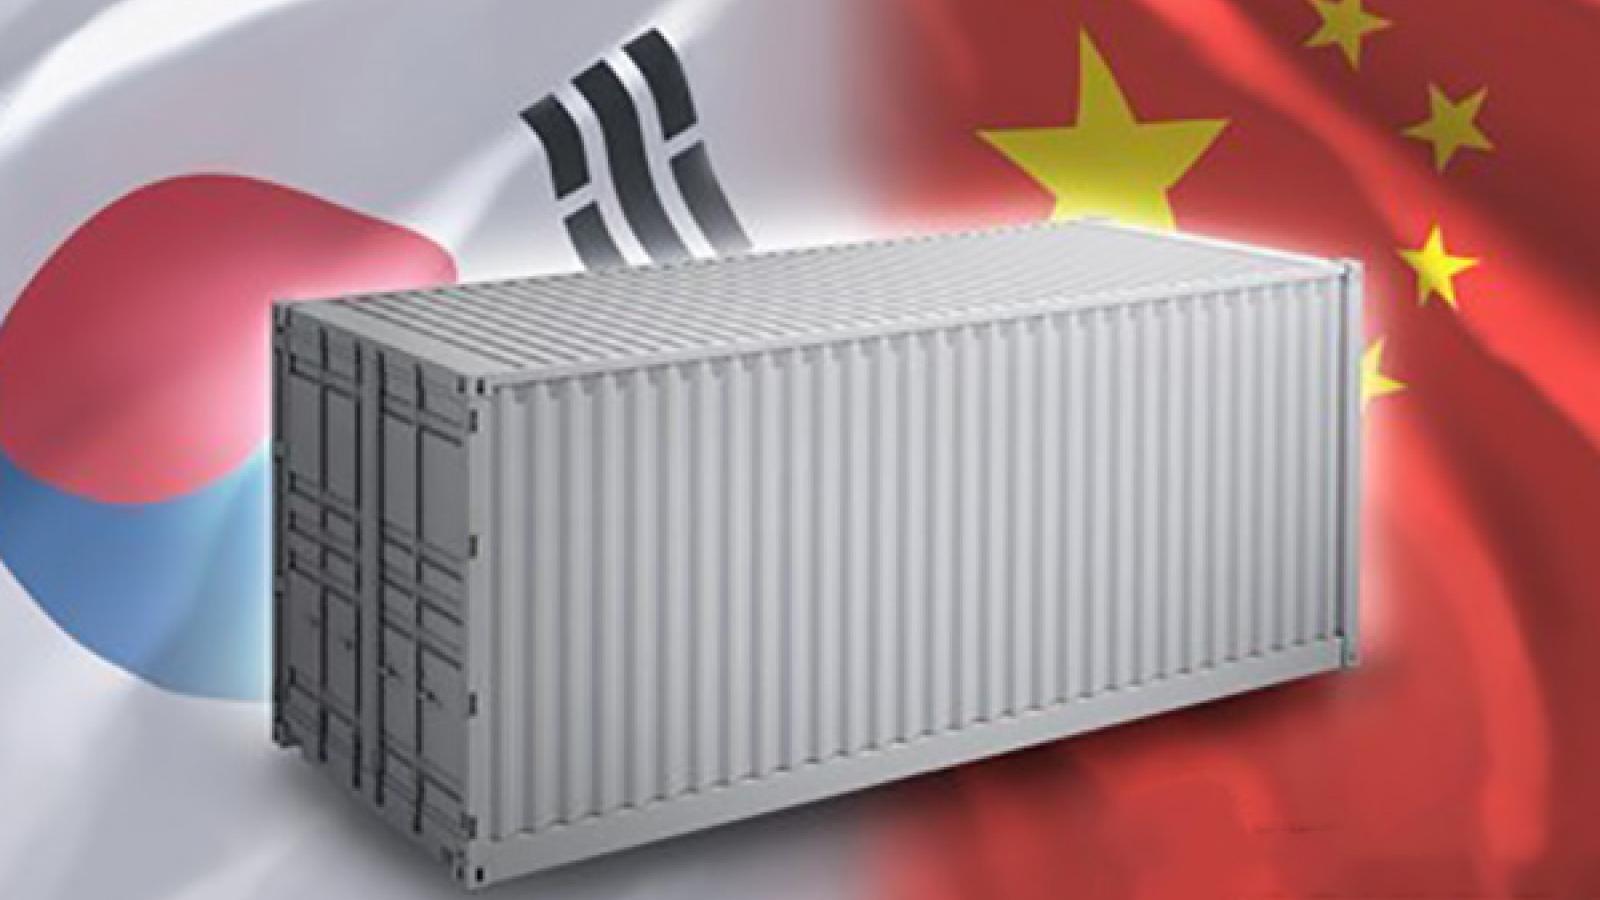 Trung Quốc là đối tác lớn nhất của Hàn Quốc ngay cả trong dịch Covid-19